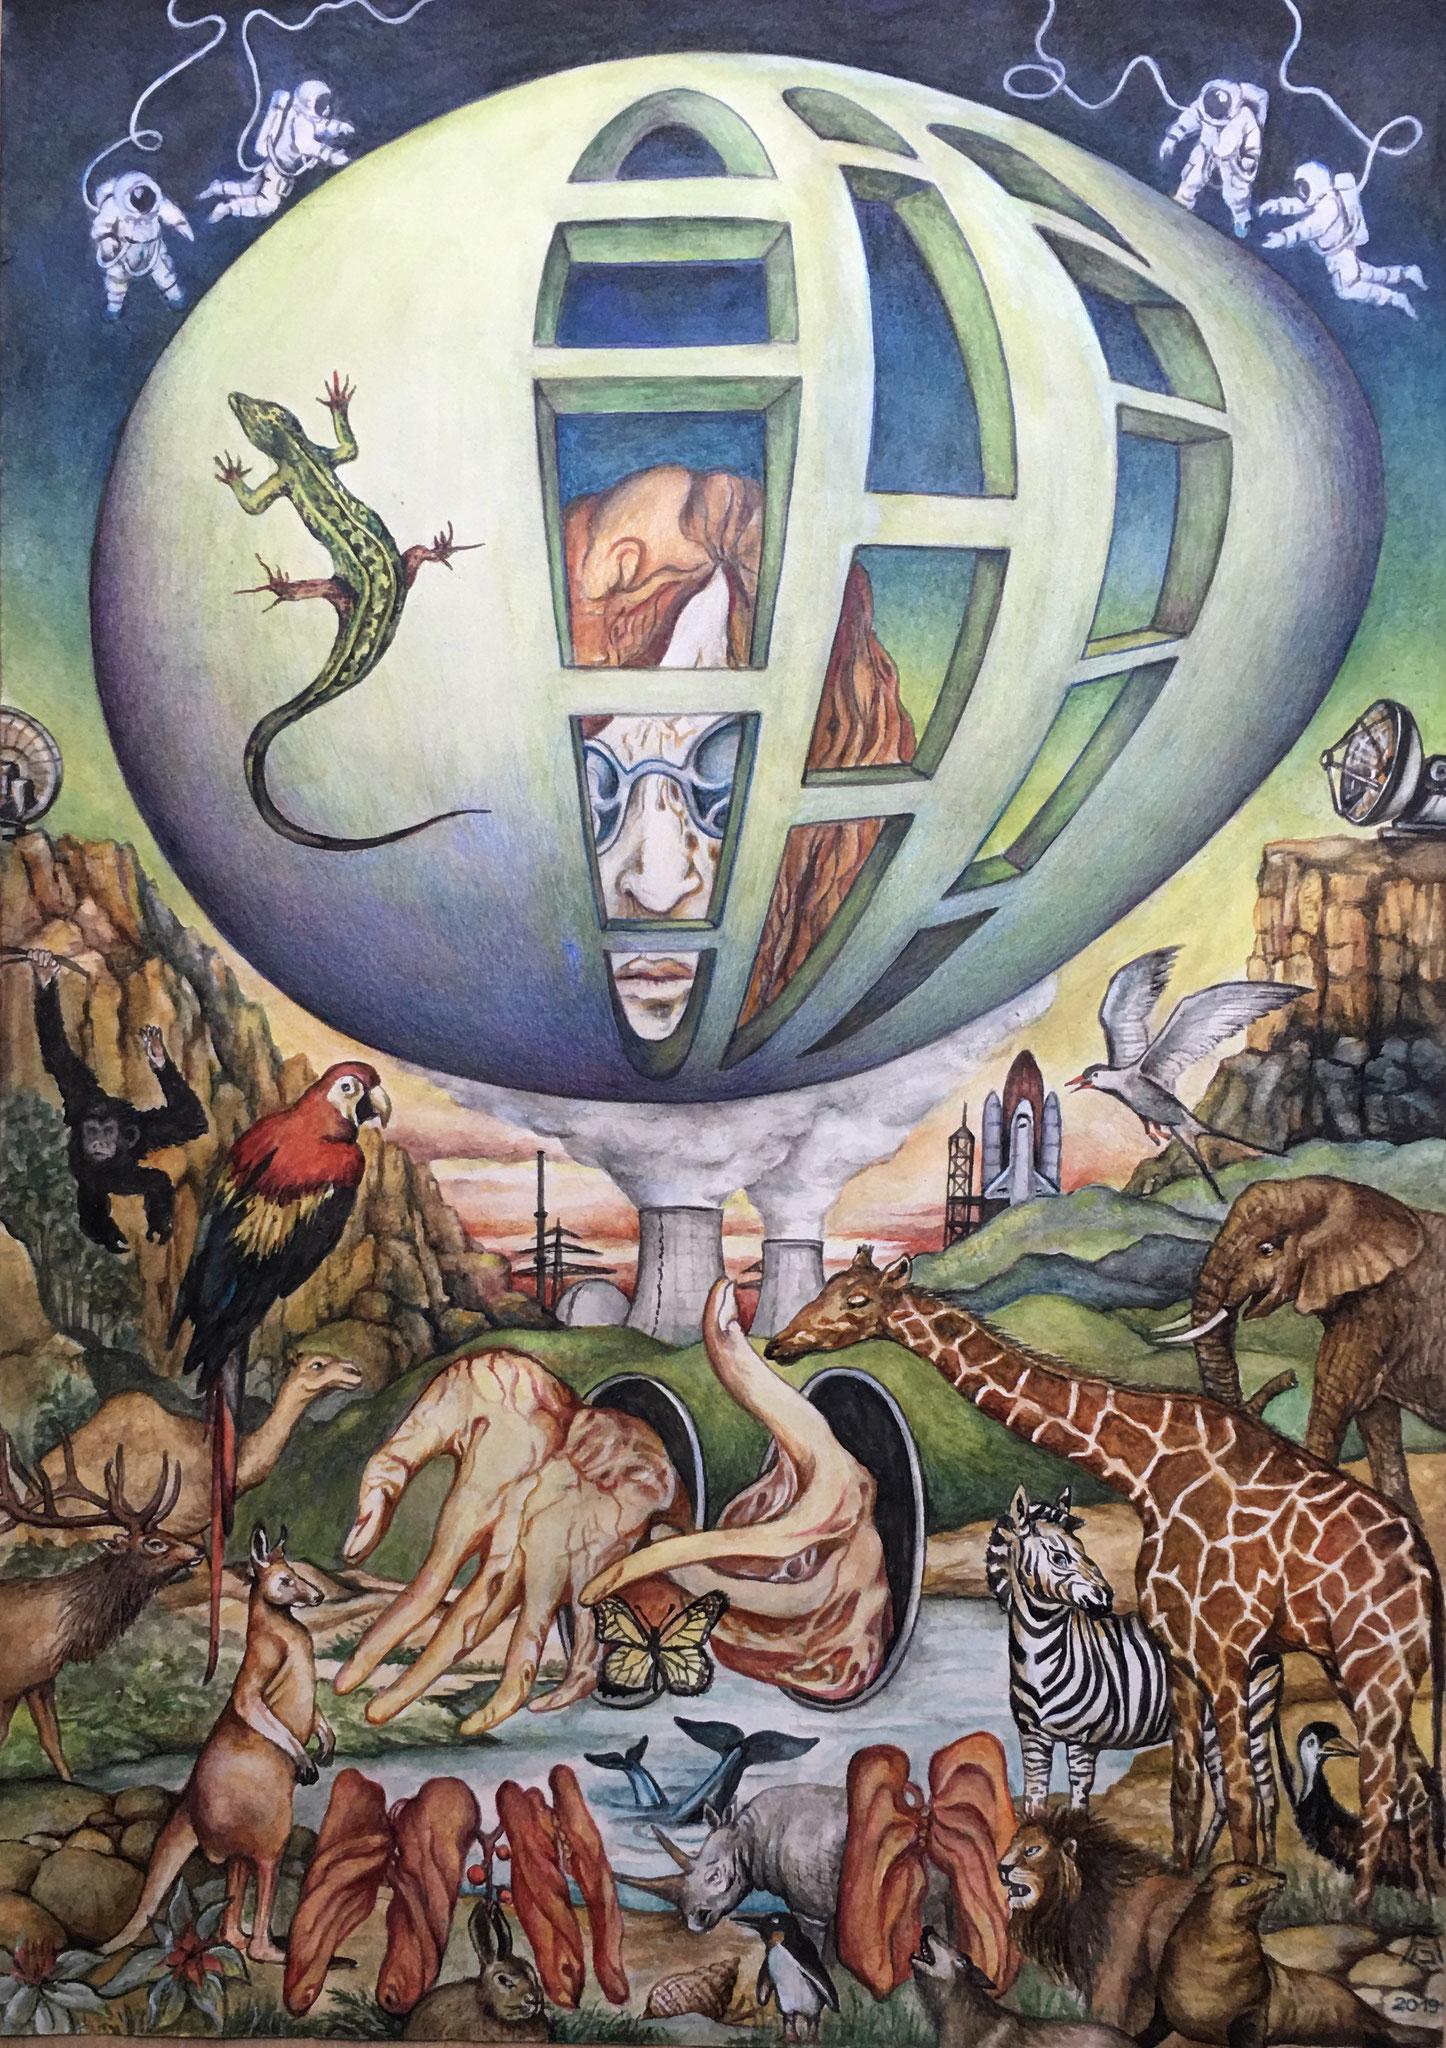 Eroberung der Welt, Acryl/Öl, 50 x 70 cm, 2020